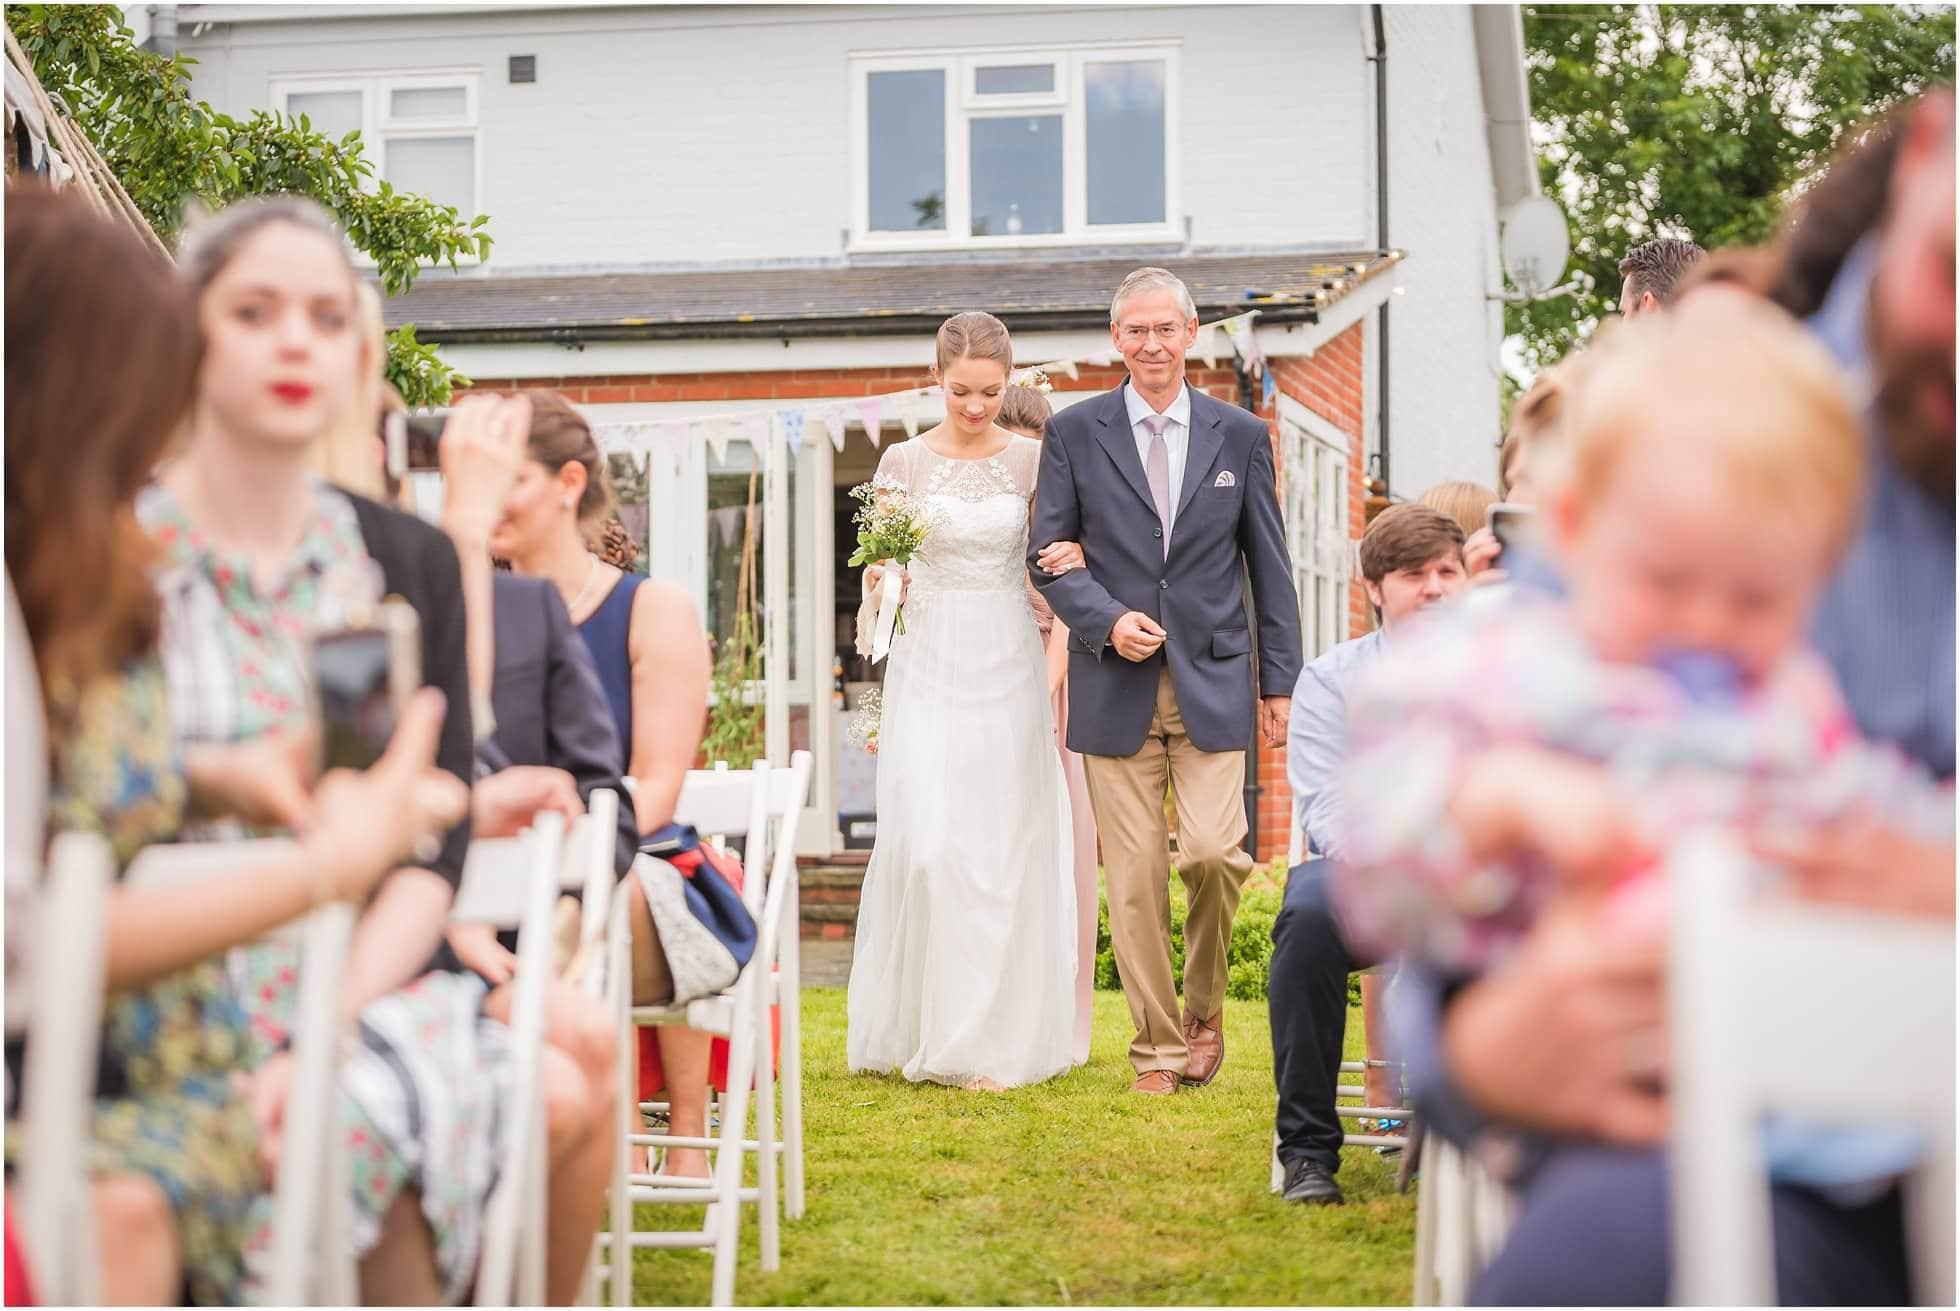 Here comes the bride at a Suffolk garden wedding